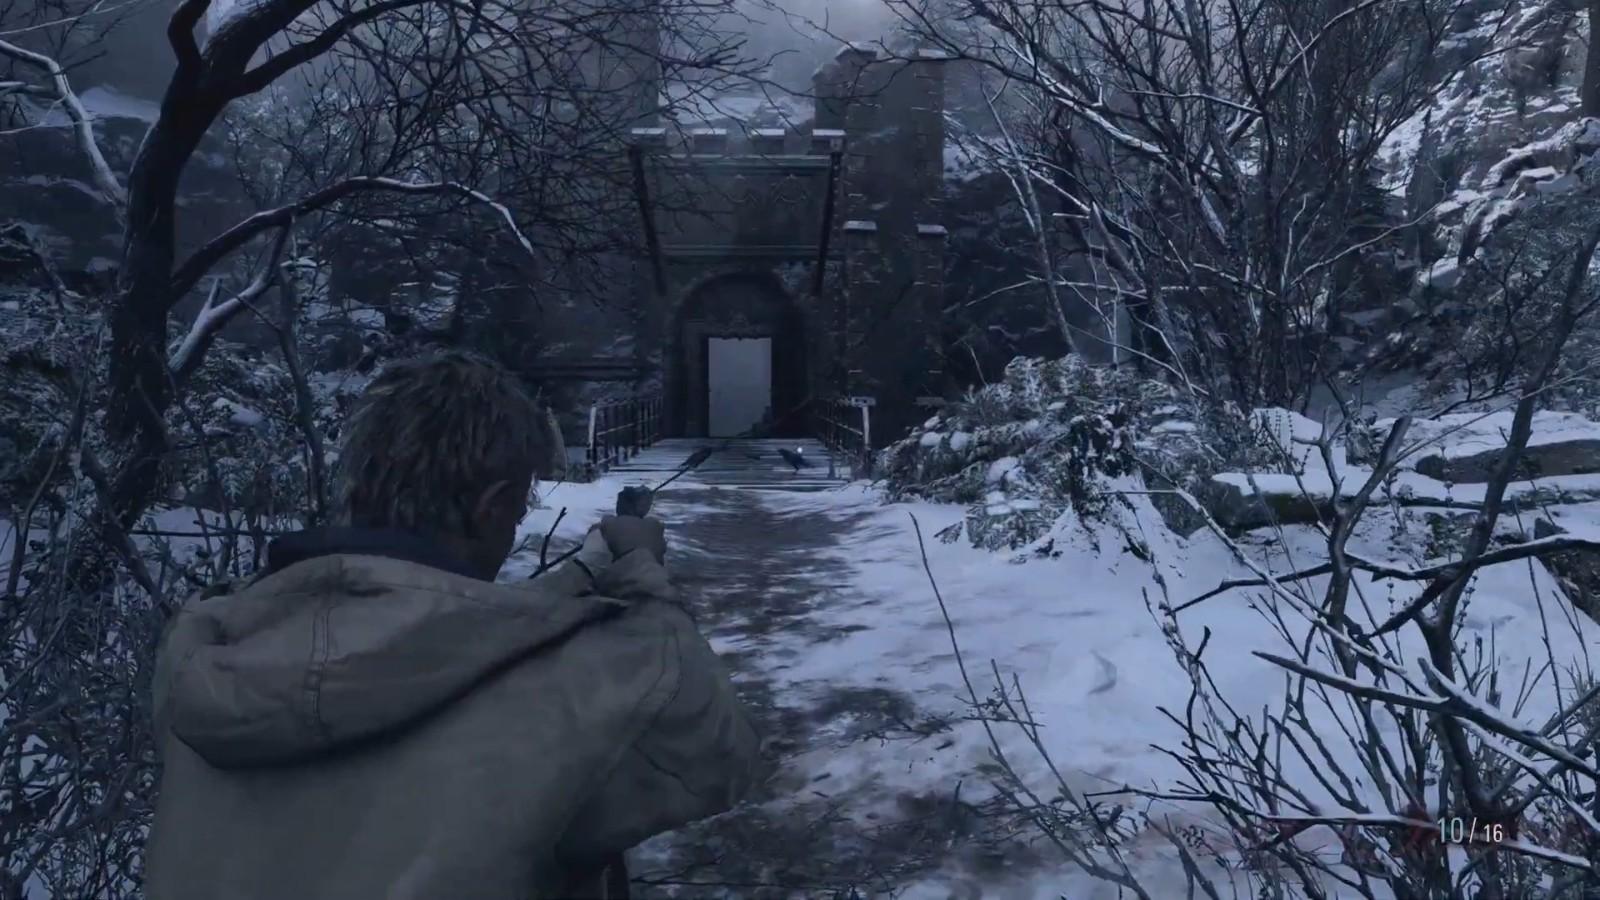 《生化危机8》第三人称mod发布 带来越肩式射击体验